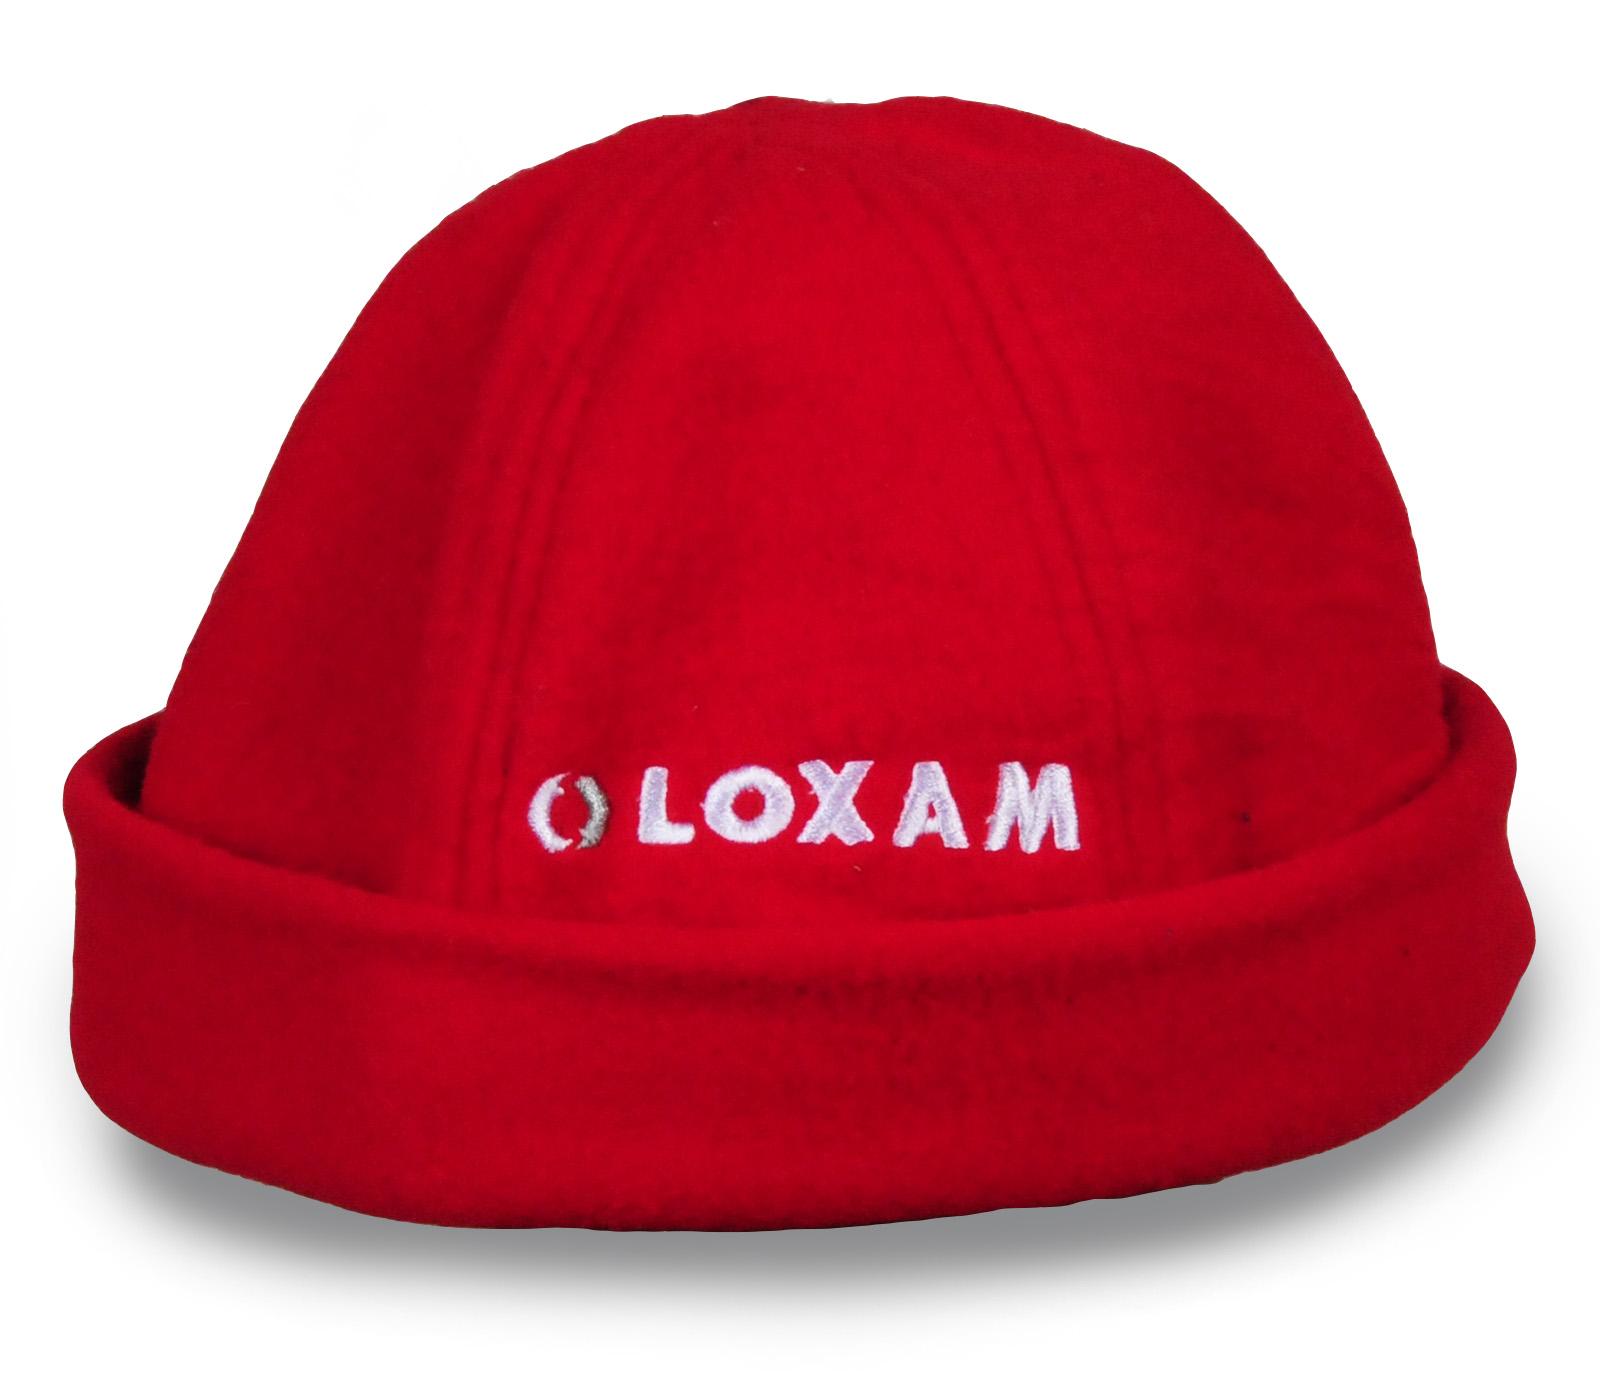 Сколько стоит хорошая мужская шапка? У нас ДЕШЕВО!